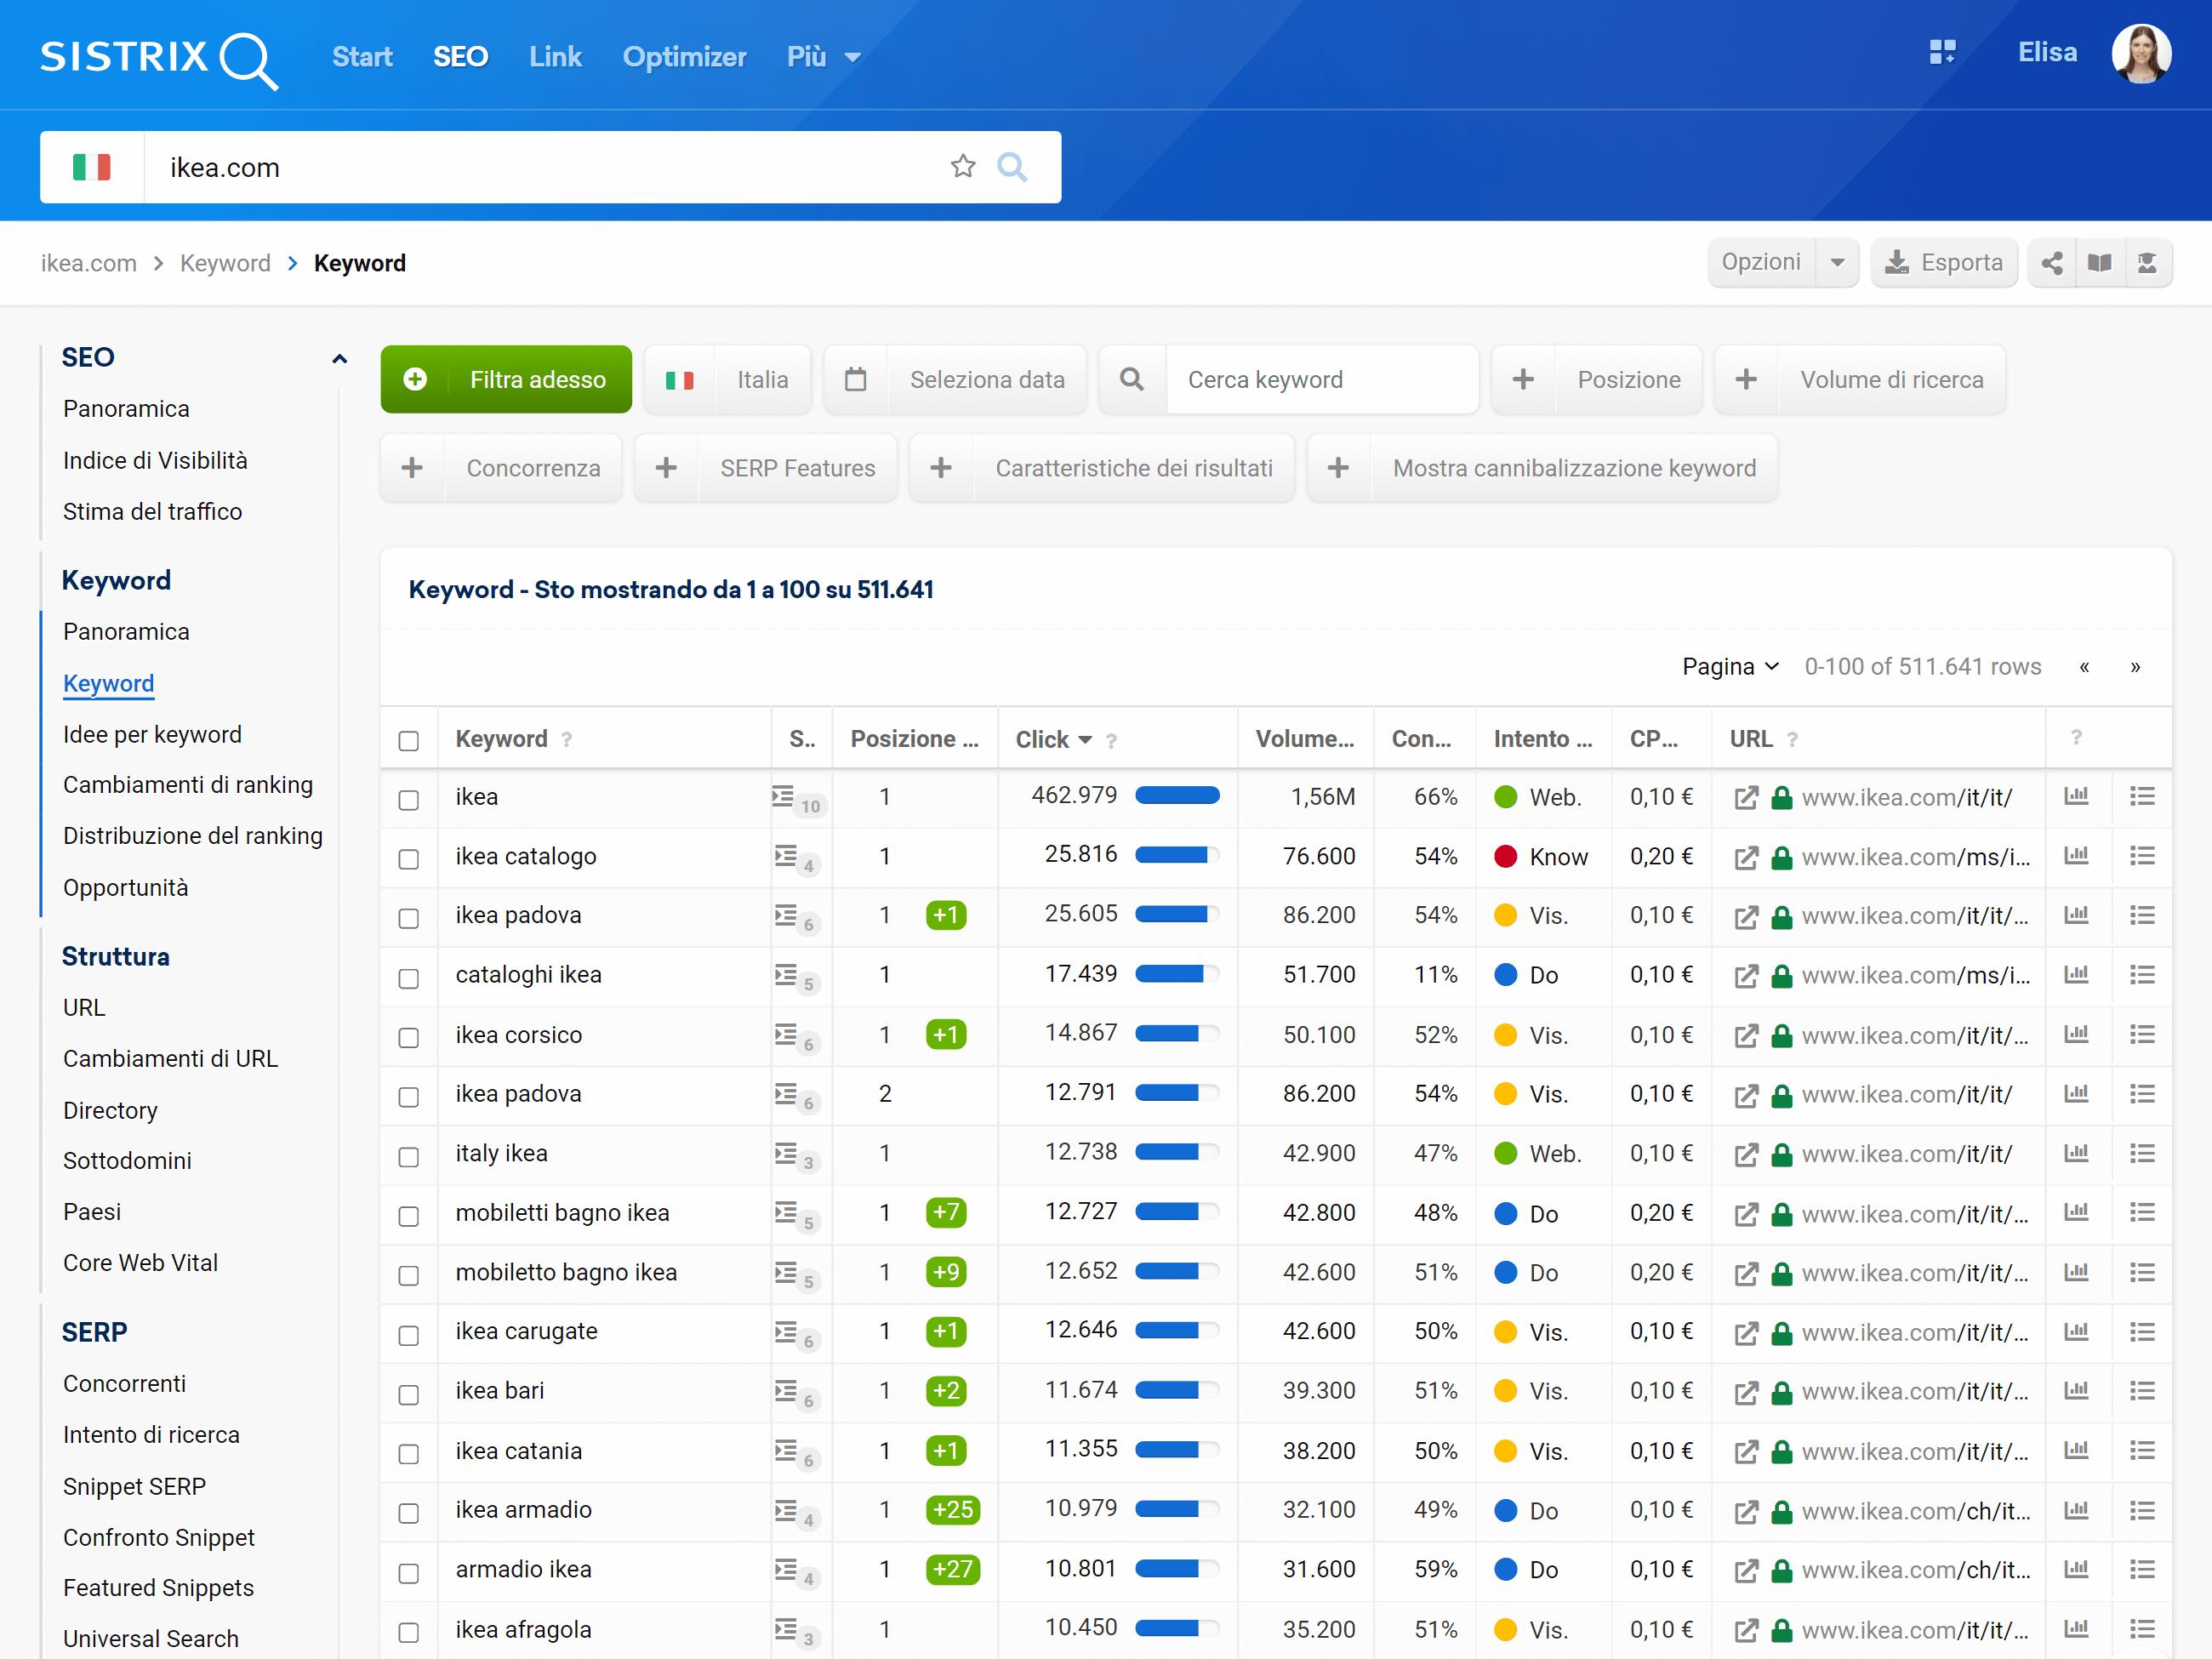 Tabella delle keyword revisionata ed ampliata